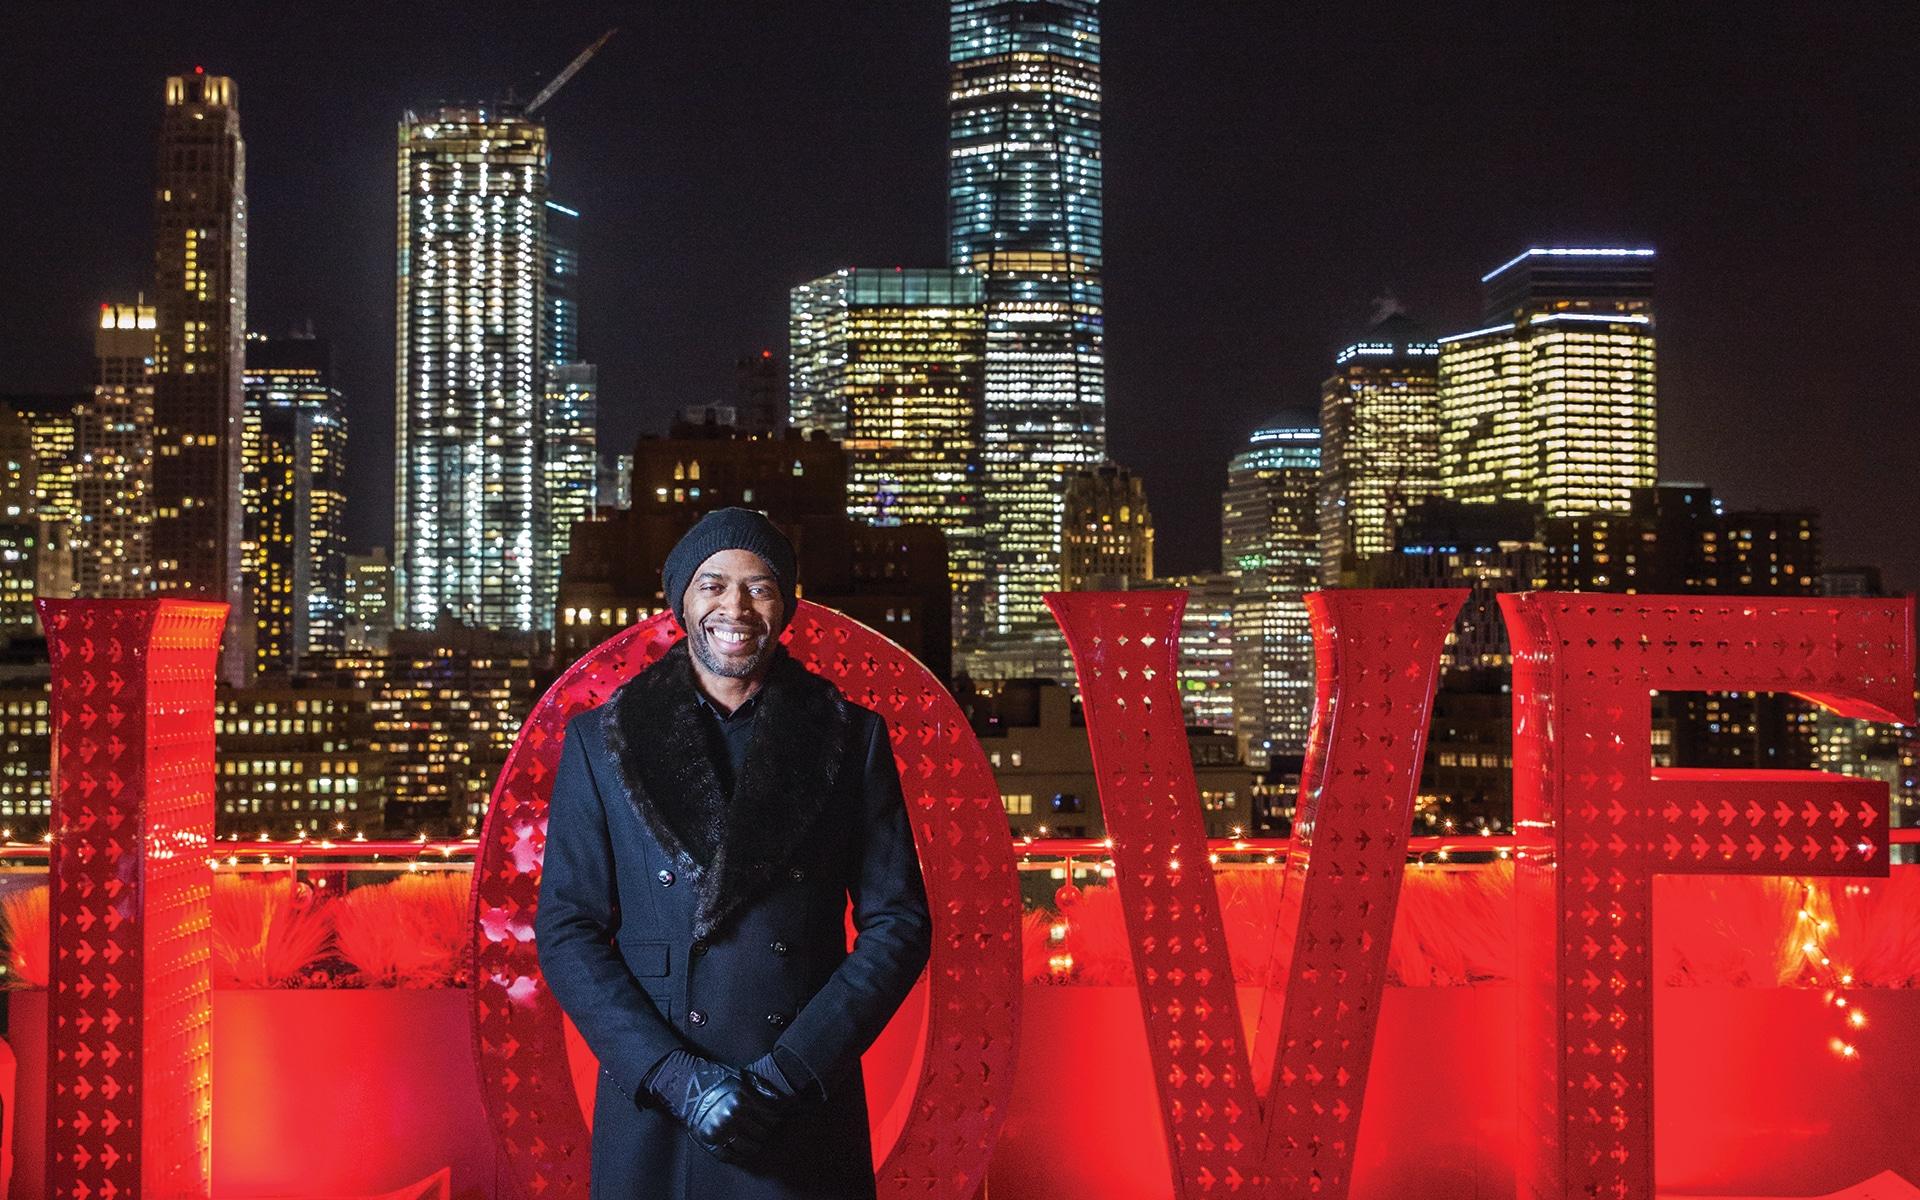 Carlos Alberto, meditation instructor and nightclub doorman in NYC